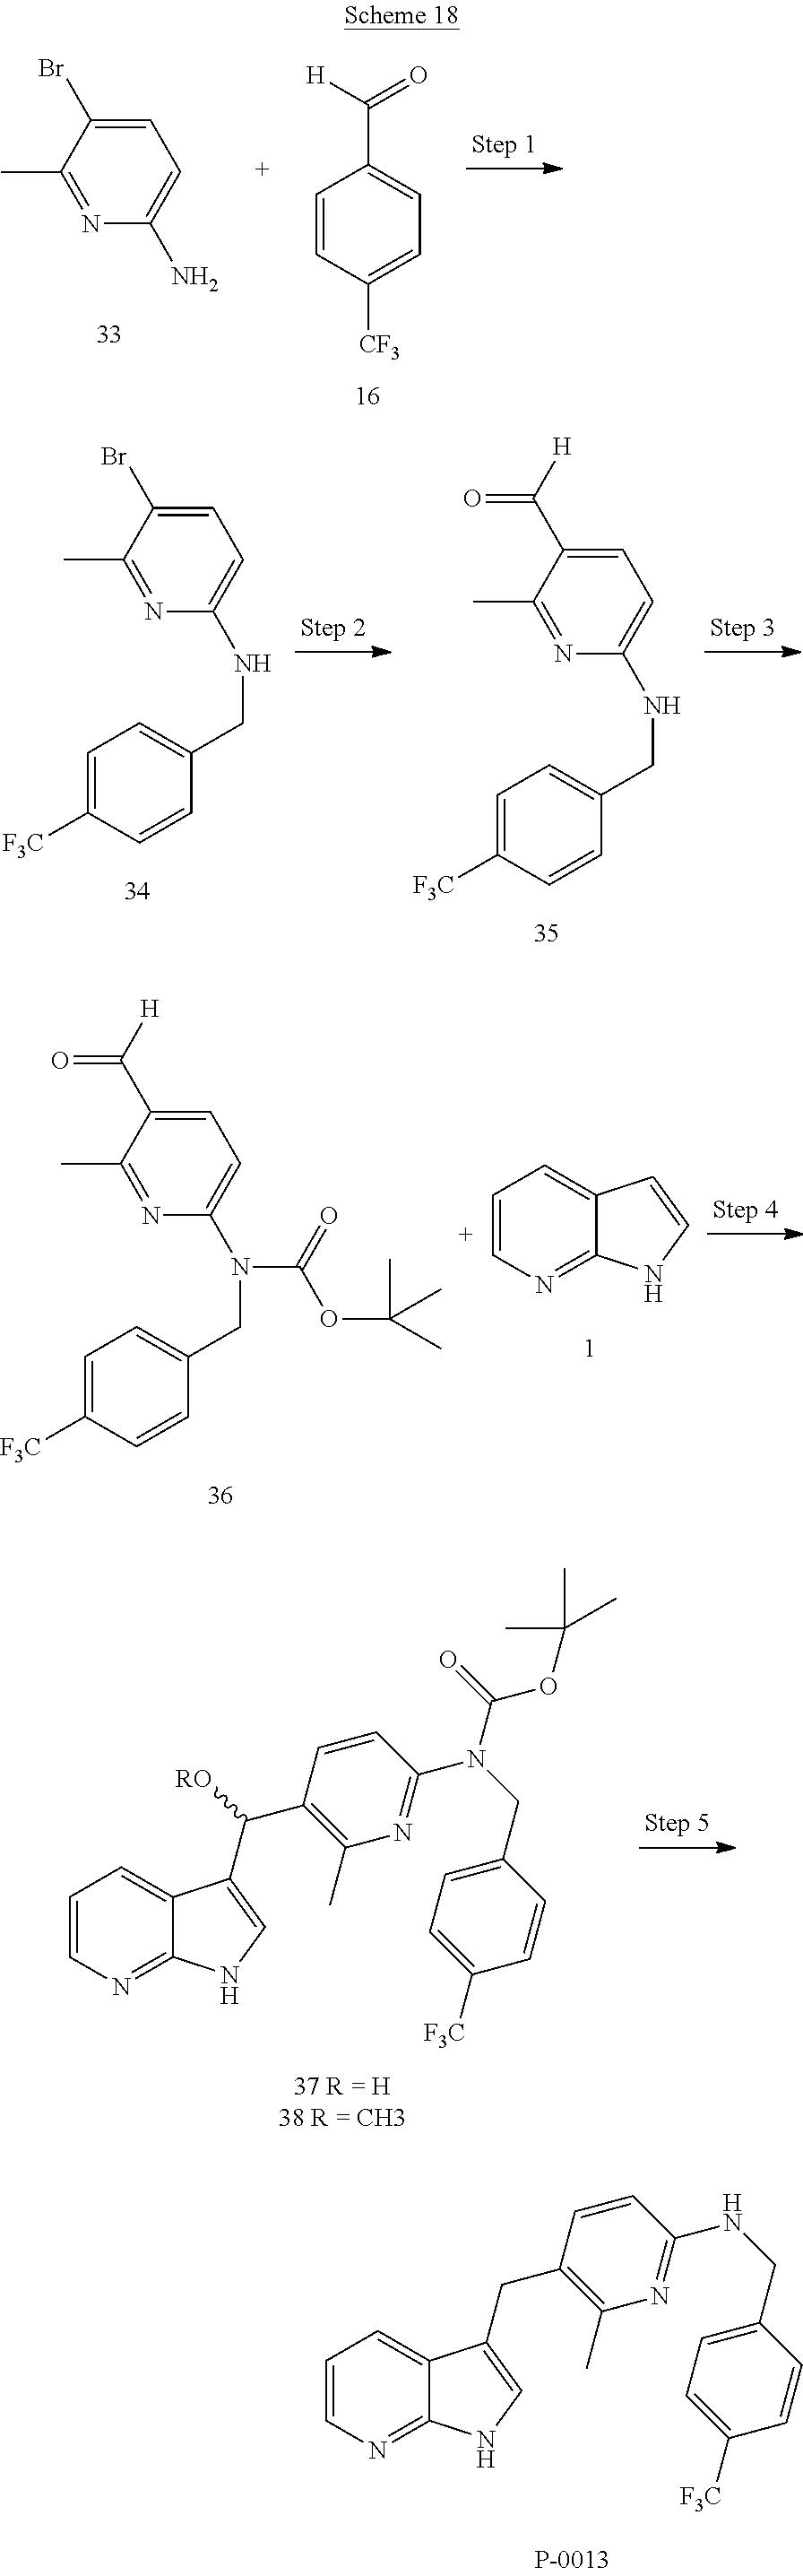 Figure US20110166174A1-20110707-C00076